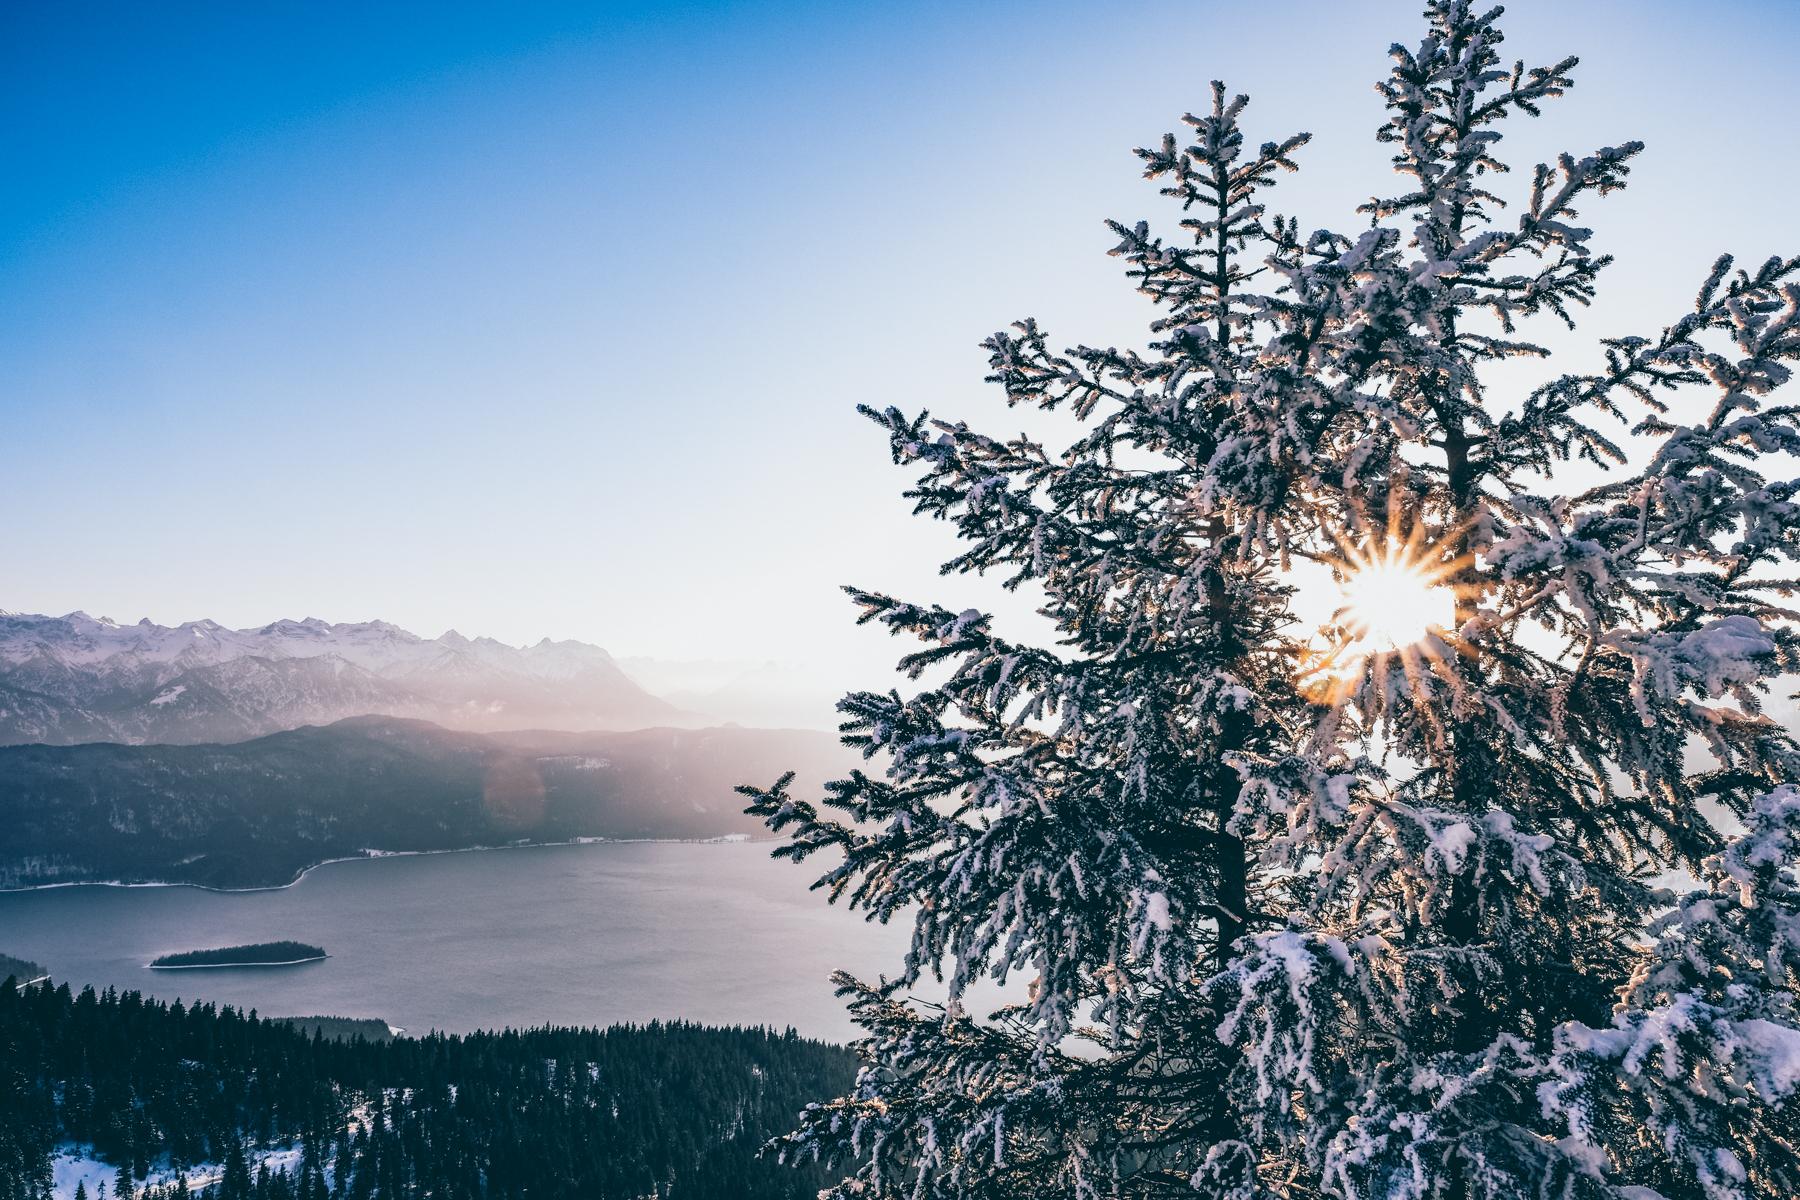 Beeindruckendes Farbspektakel auf dem Weg nach oben.  – ©Well Outside